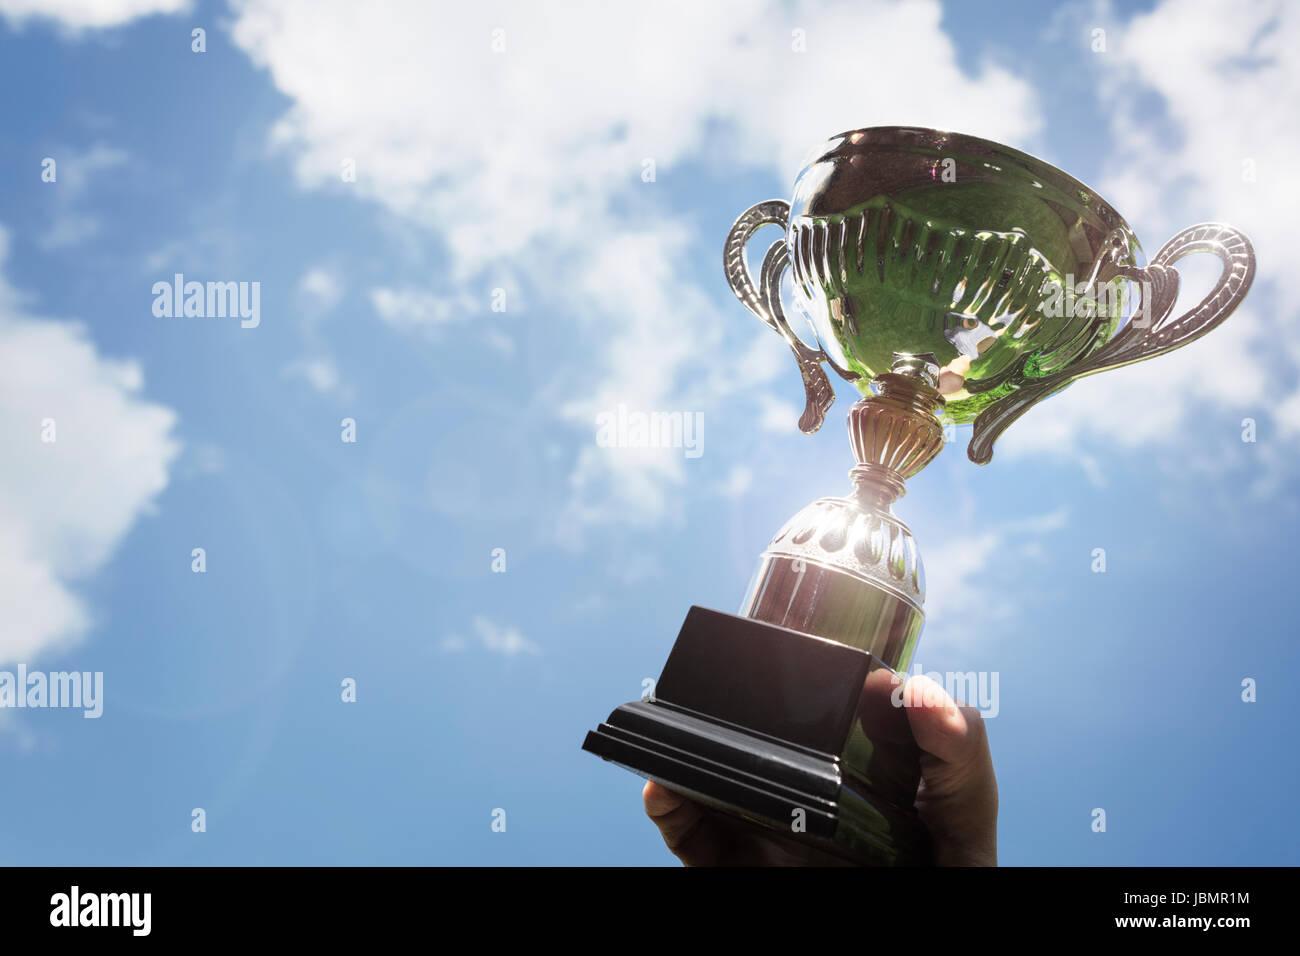 Trophée de la fête avec succès pour la première place ou championnats sportifs gagner Photo Stock